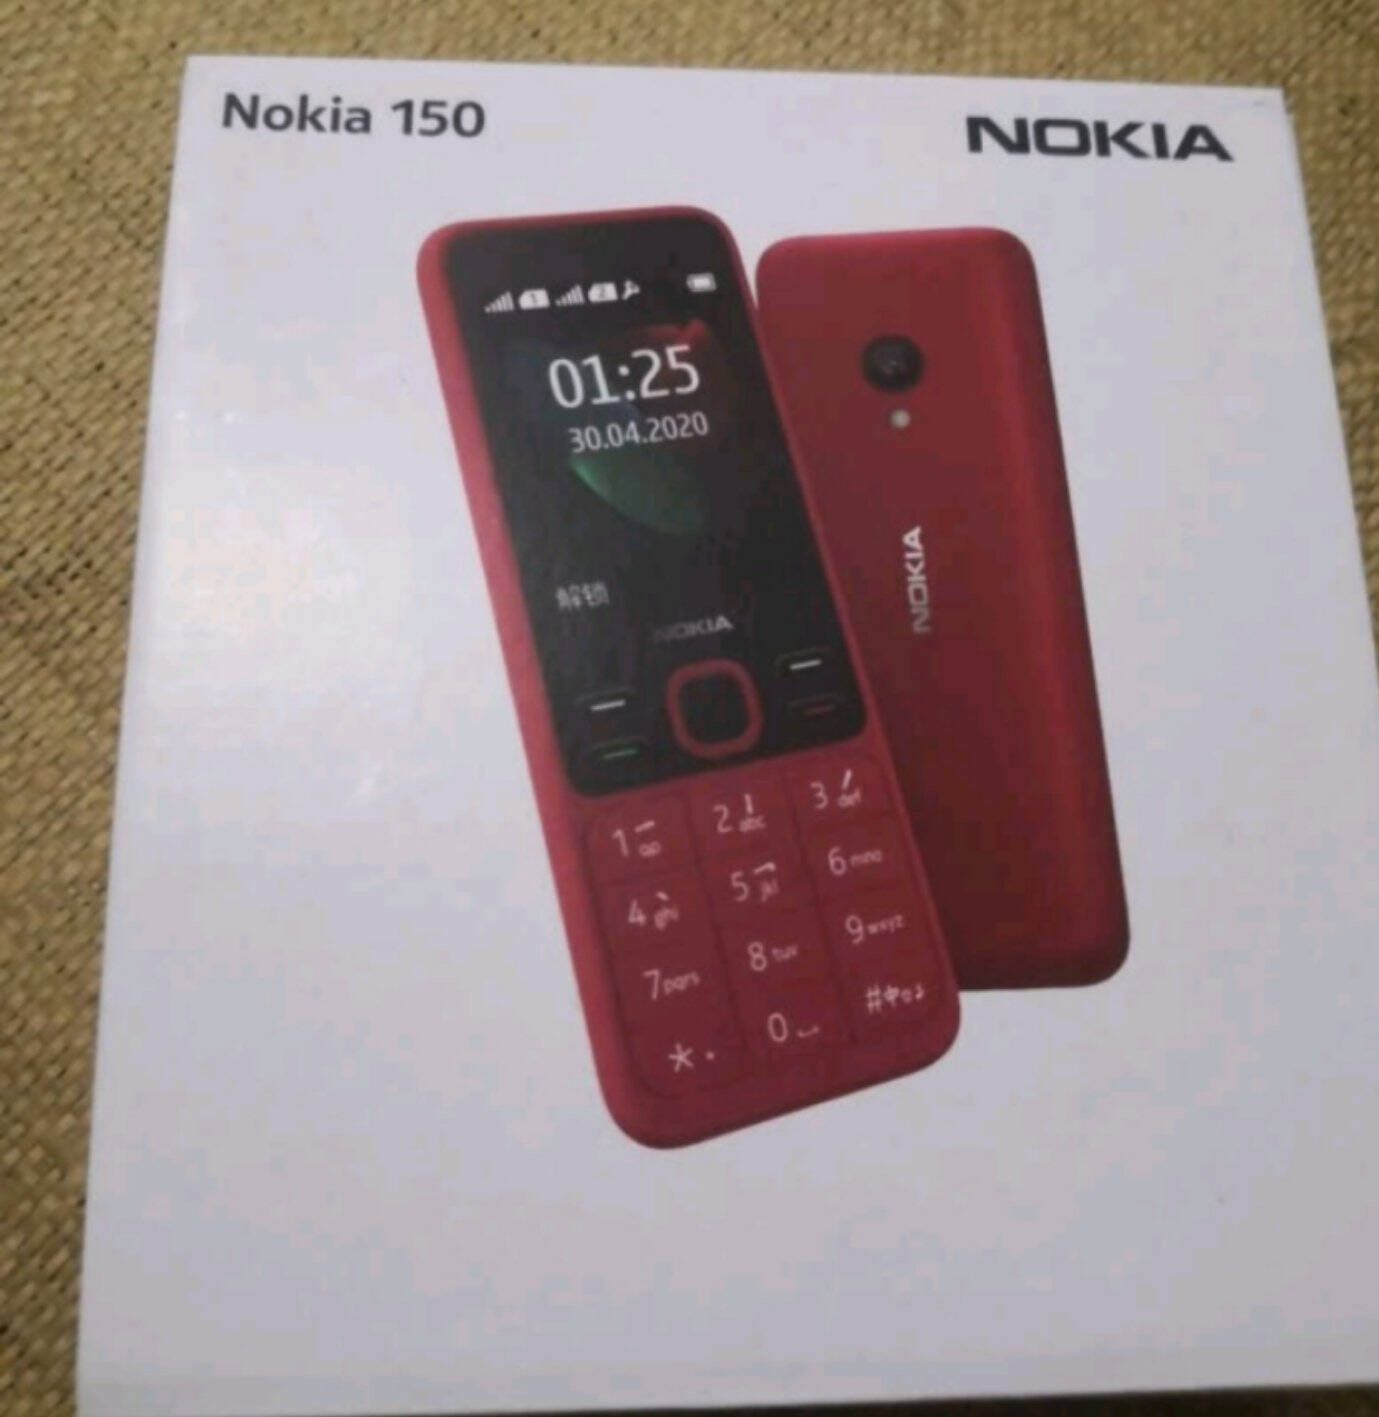 诺基亚NOKIA新150红色直板按键移动2G手机双卡双待老人老年手机学生备用功能机超长待机